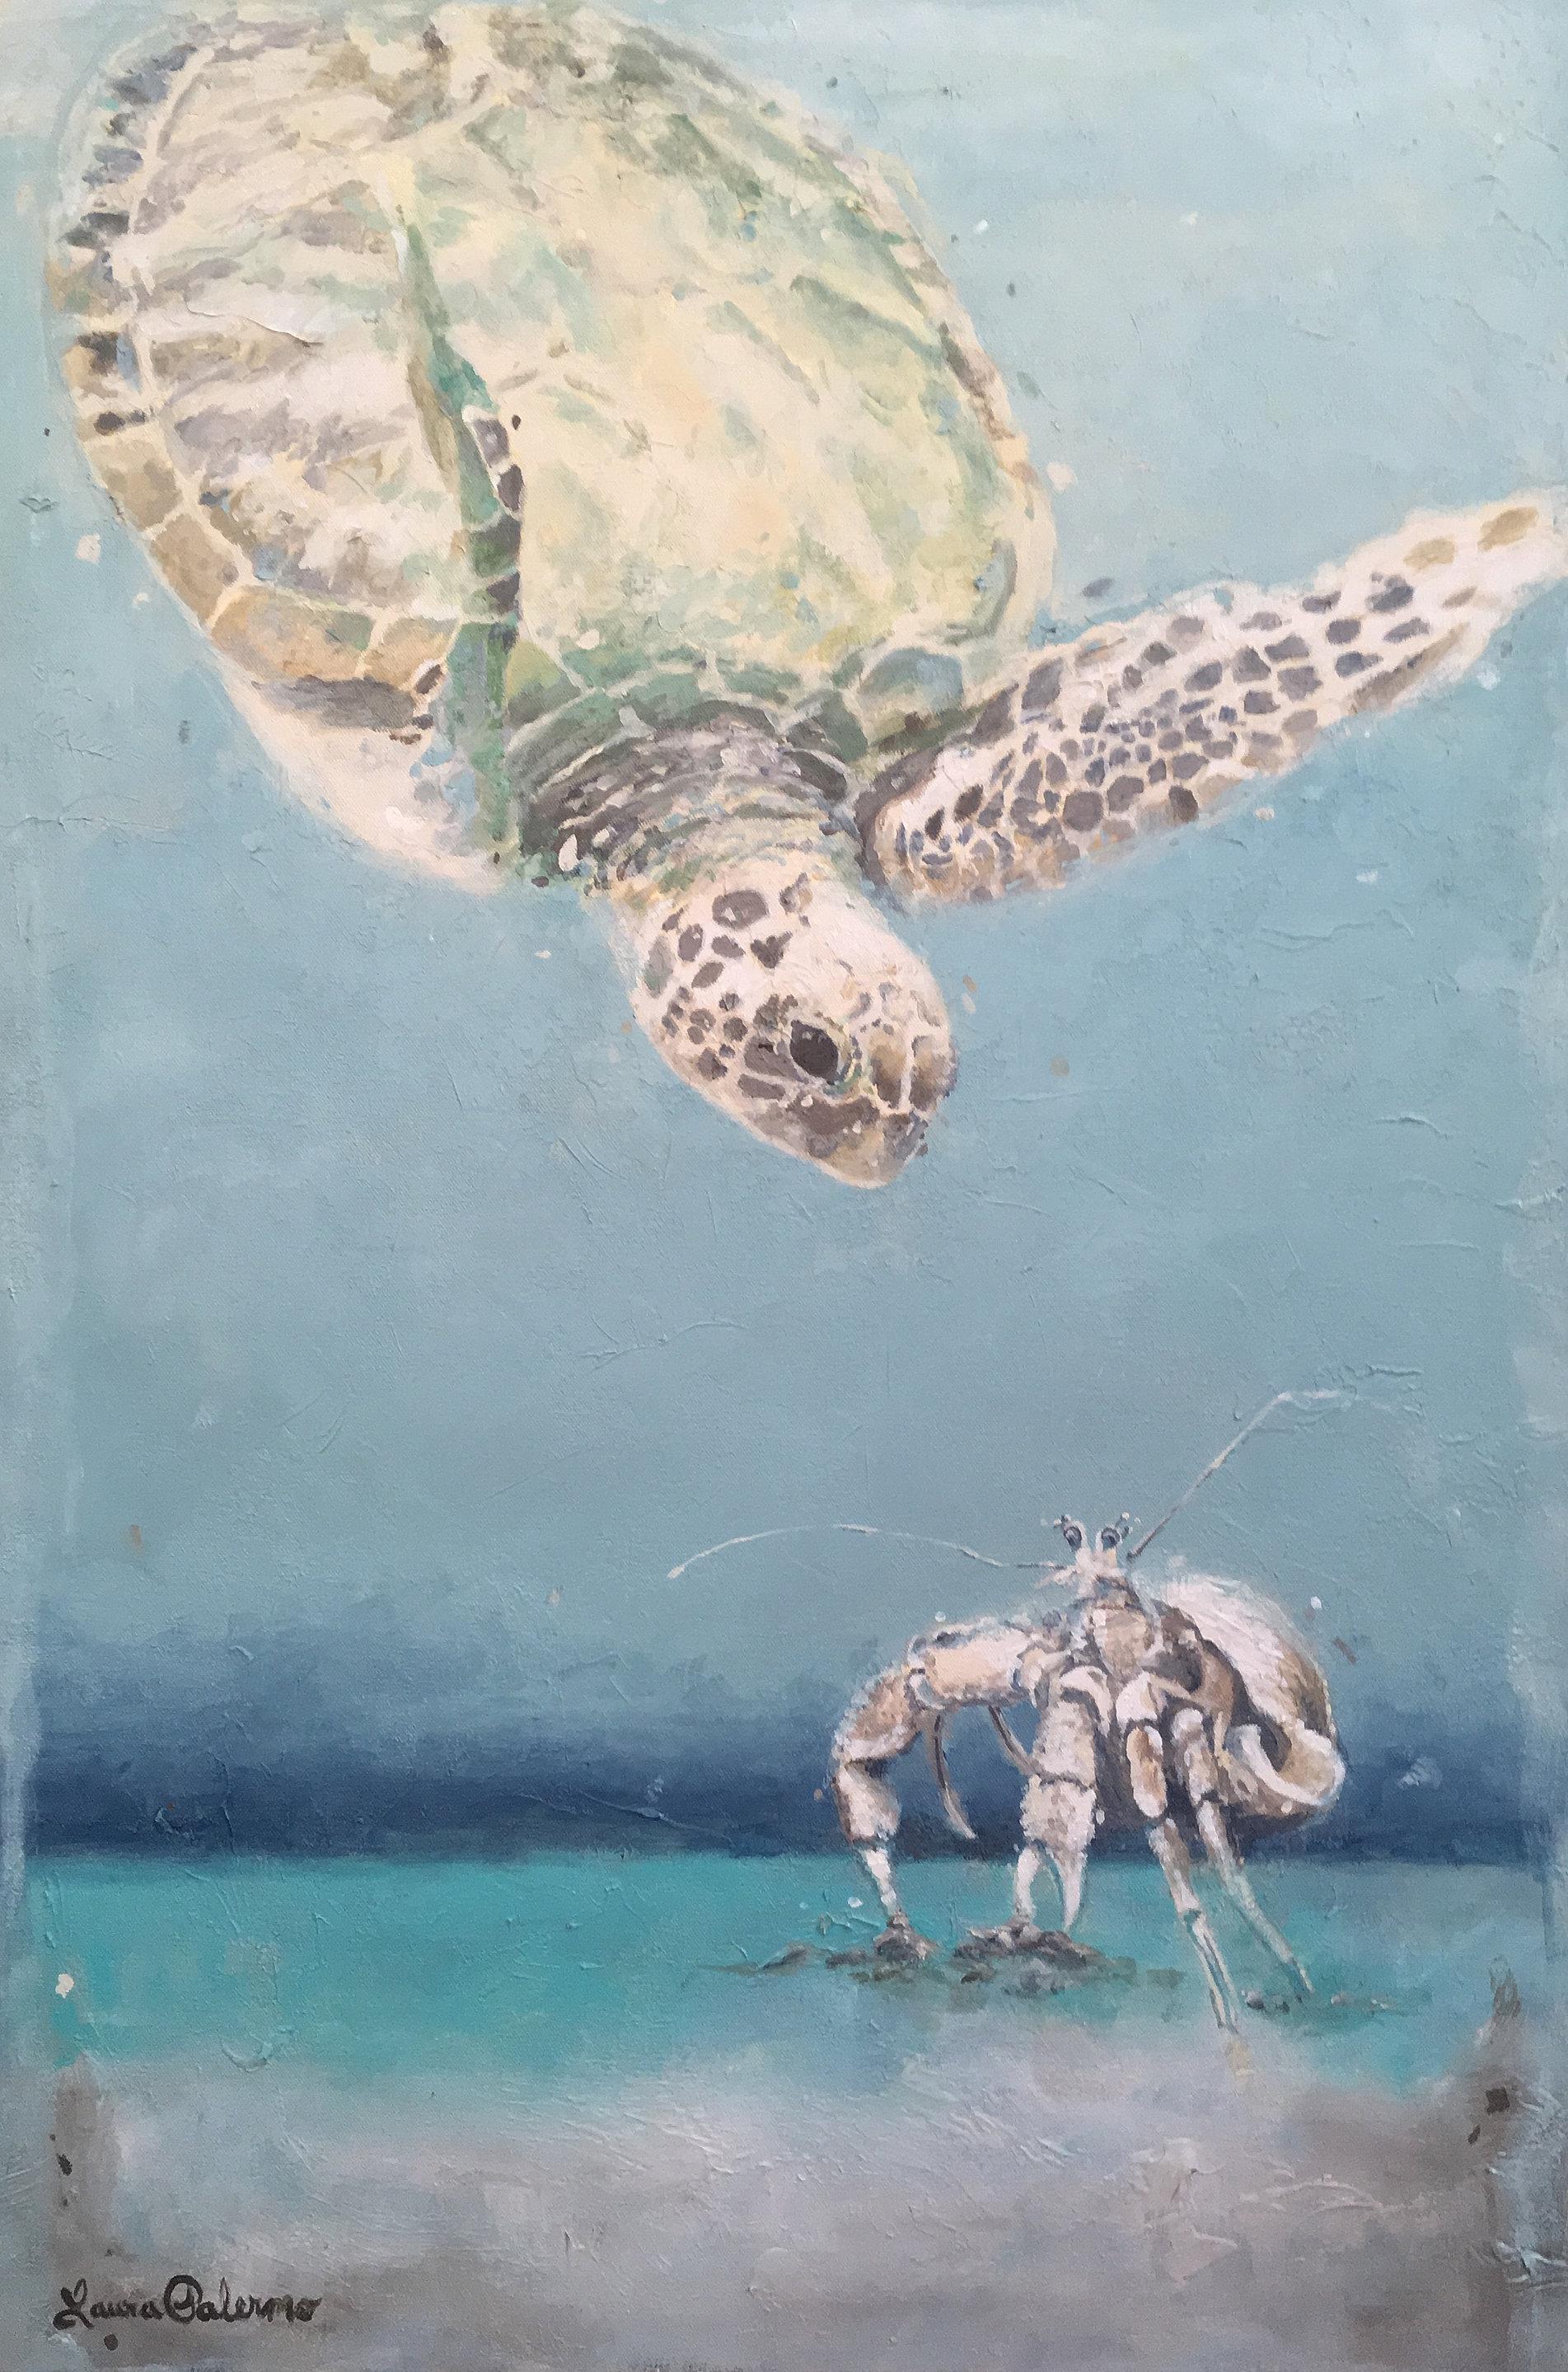 laura palermo wildlife conservation artist